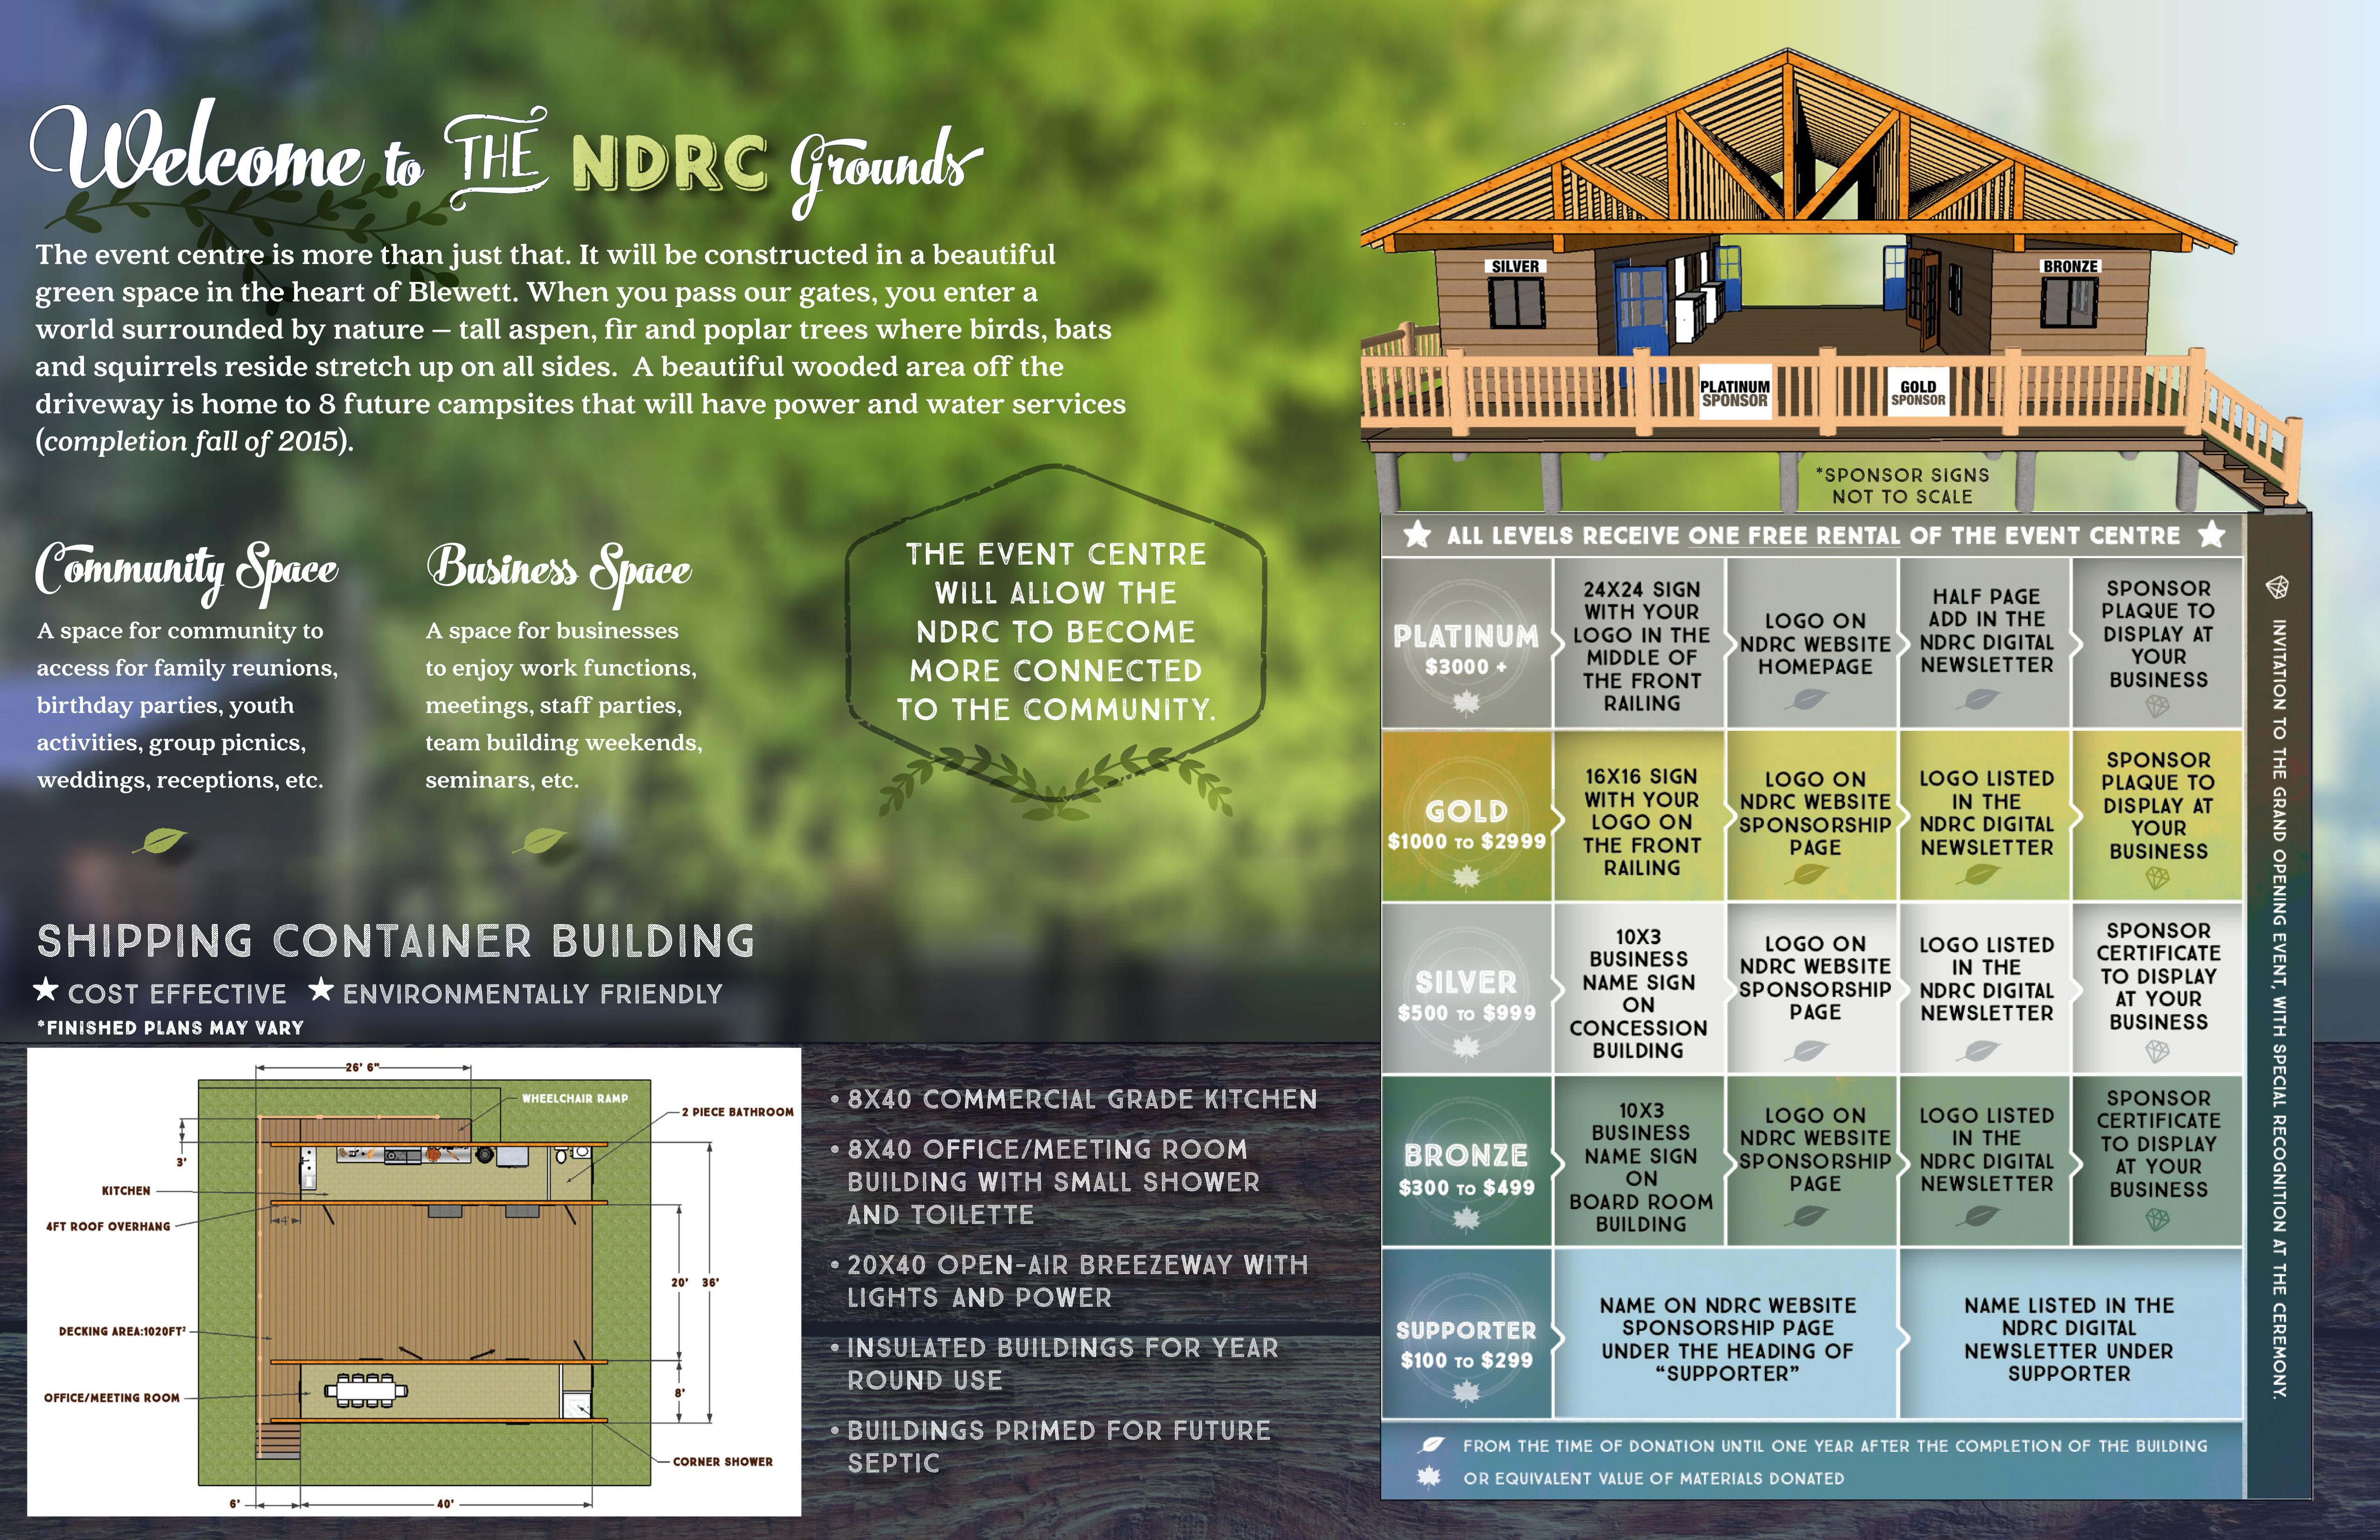 NDRC brocure for website